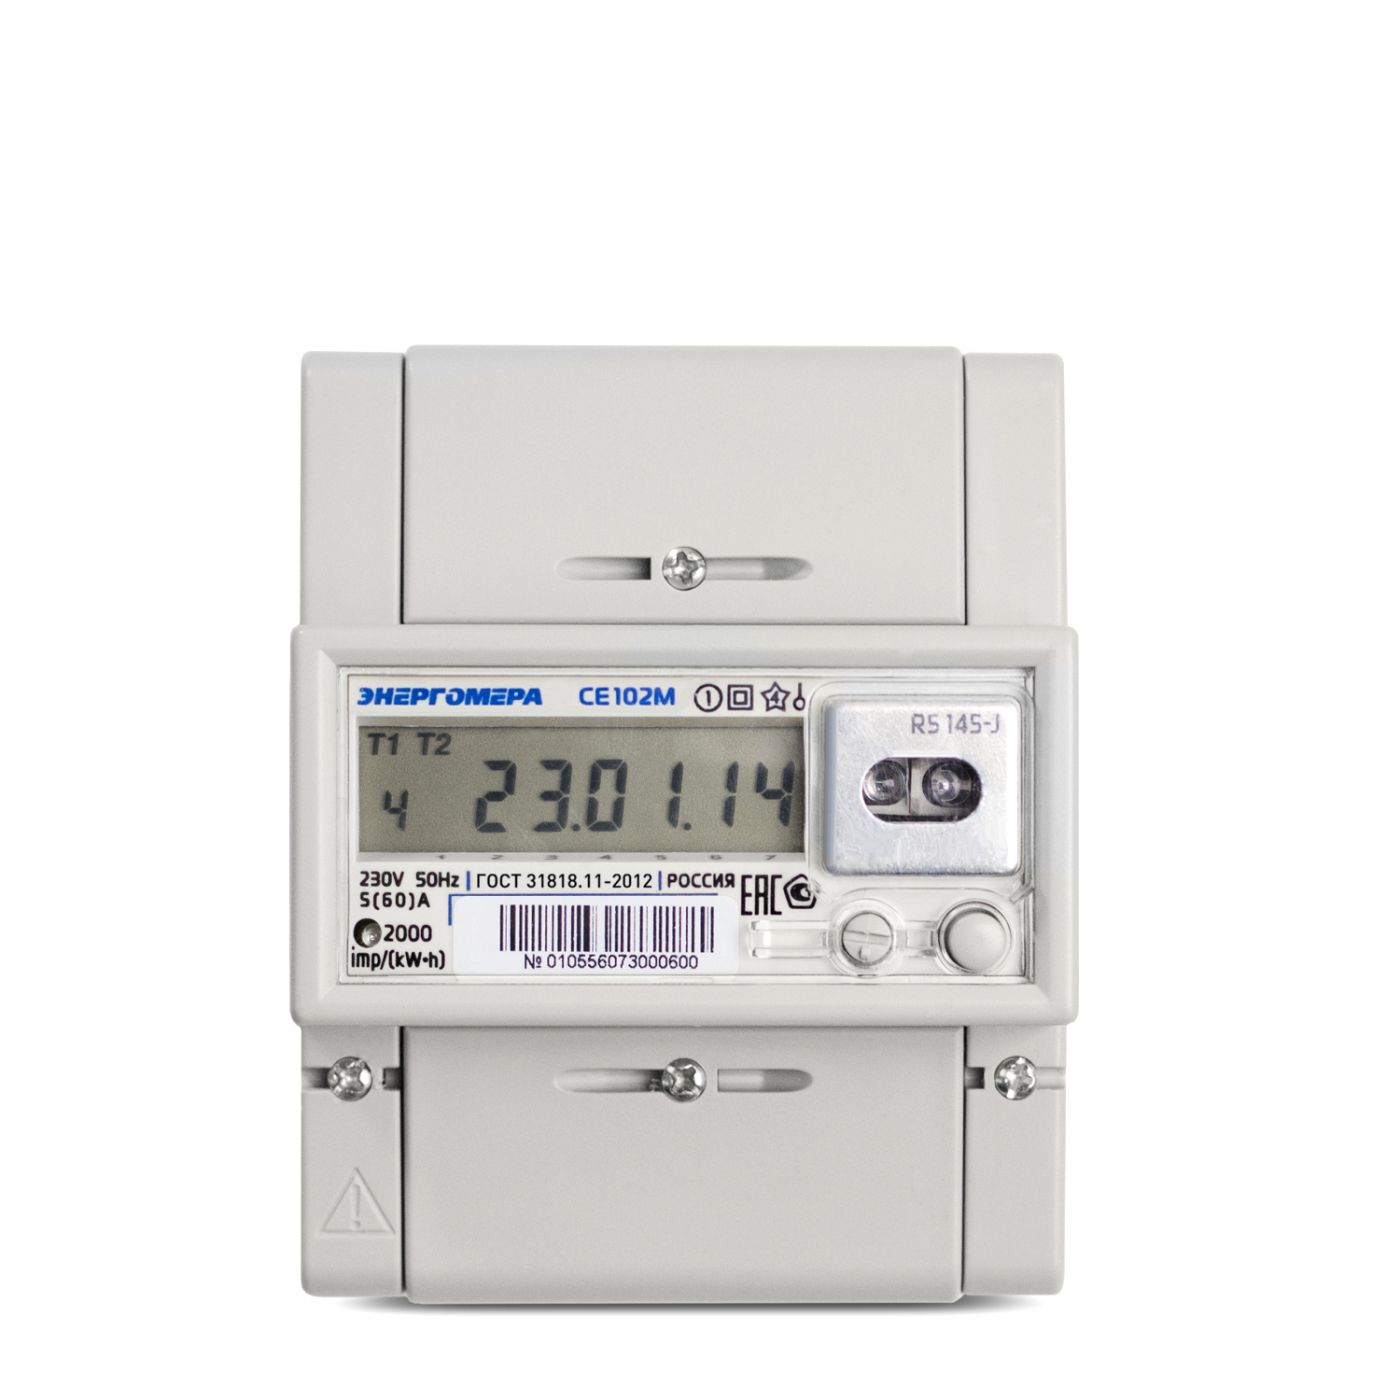 Счетчик электроэнергии однофазный многотарифный CE102M-R5 -A